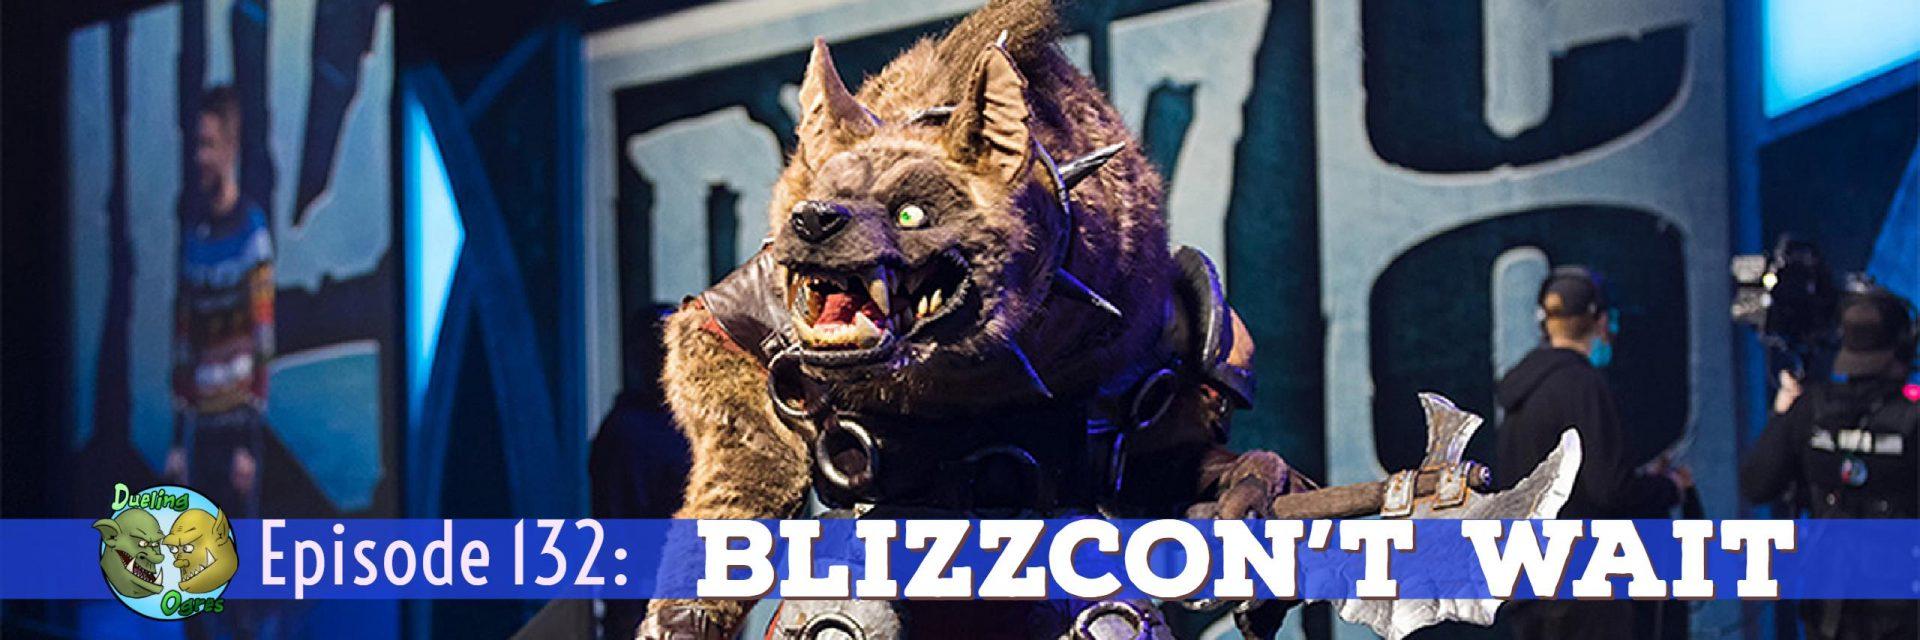 Episode 132: BlizzCon't Wait